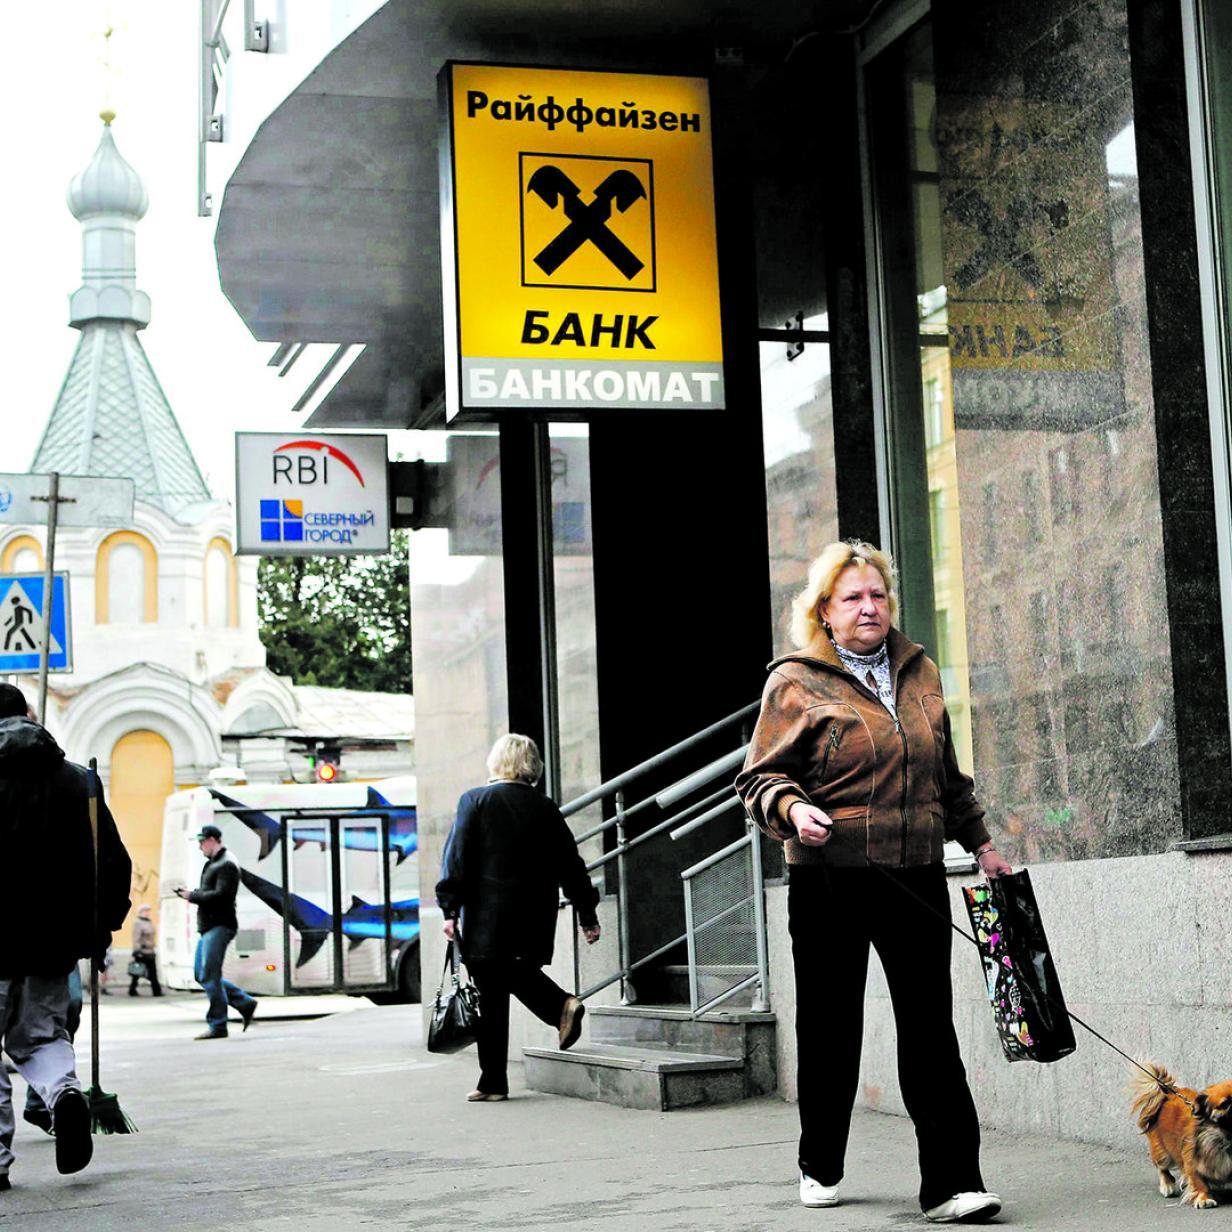 Banken im Osten auf Rekordkurs, Regierungen steigen auf Bremse